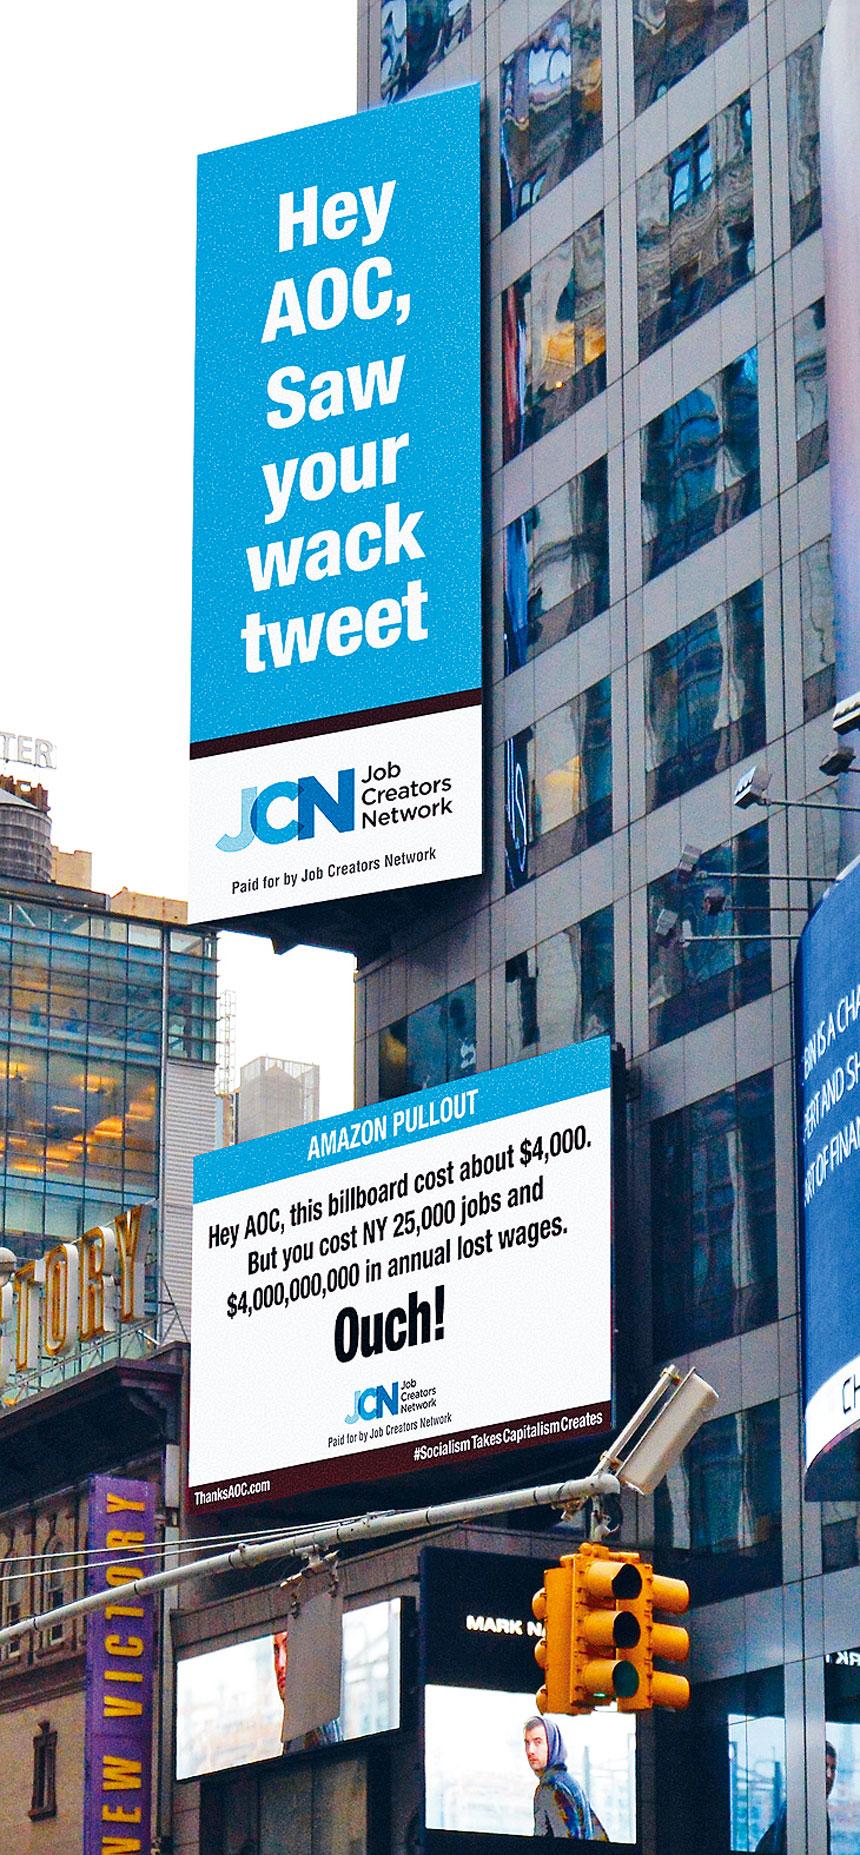 JCN在時報廣場打廣告指責奧卡西奧哥德斯。 網上圖片